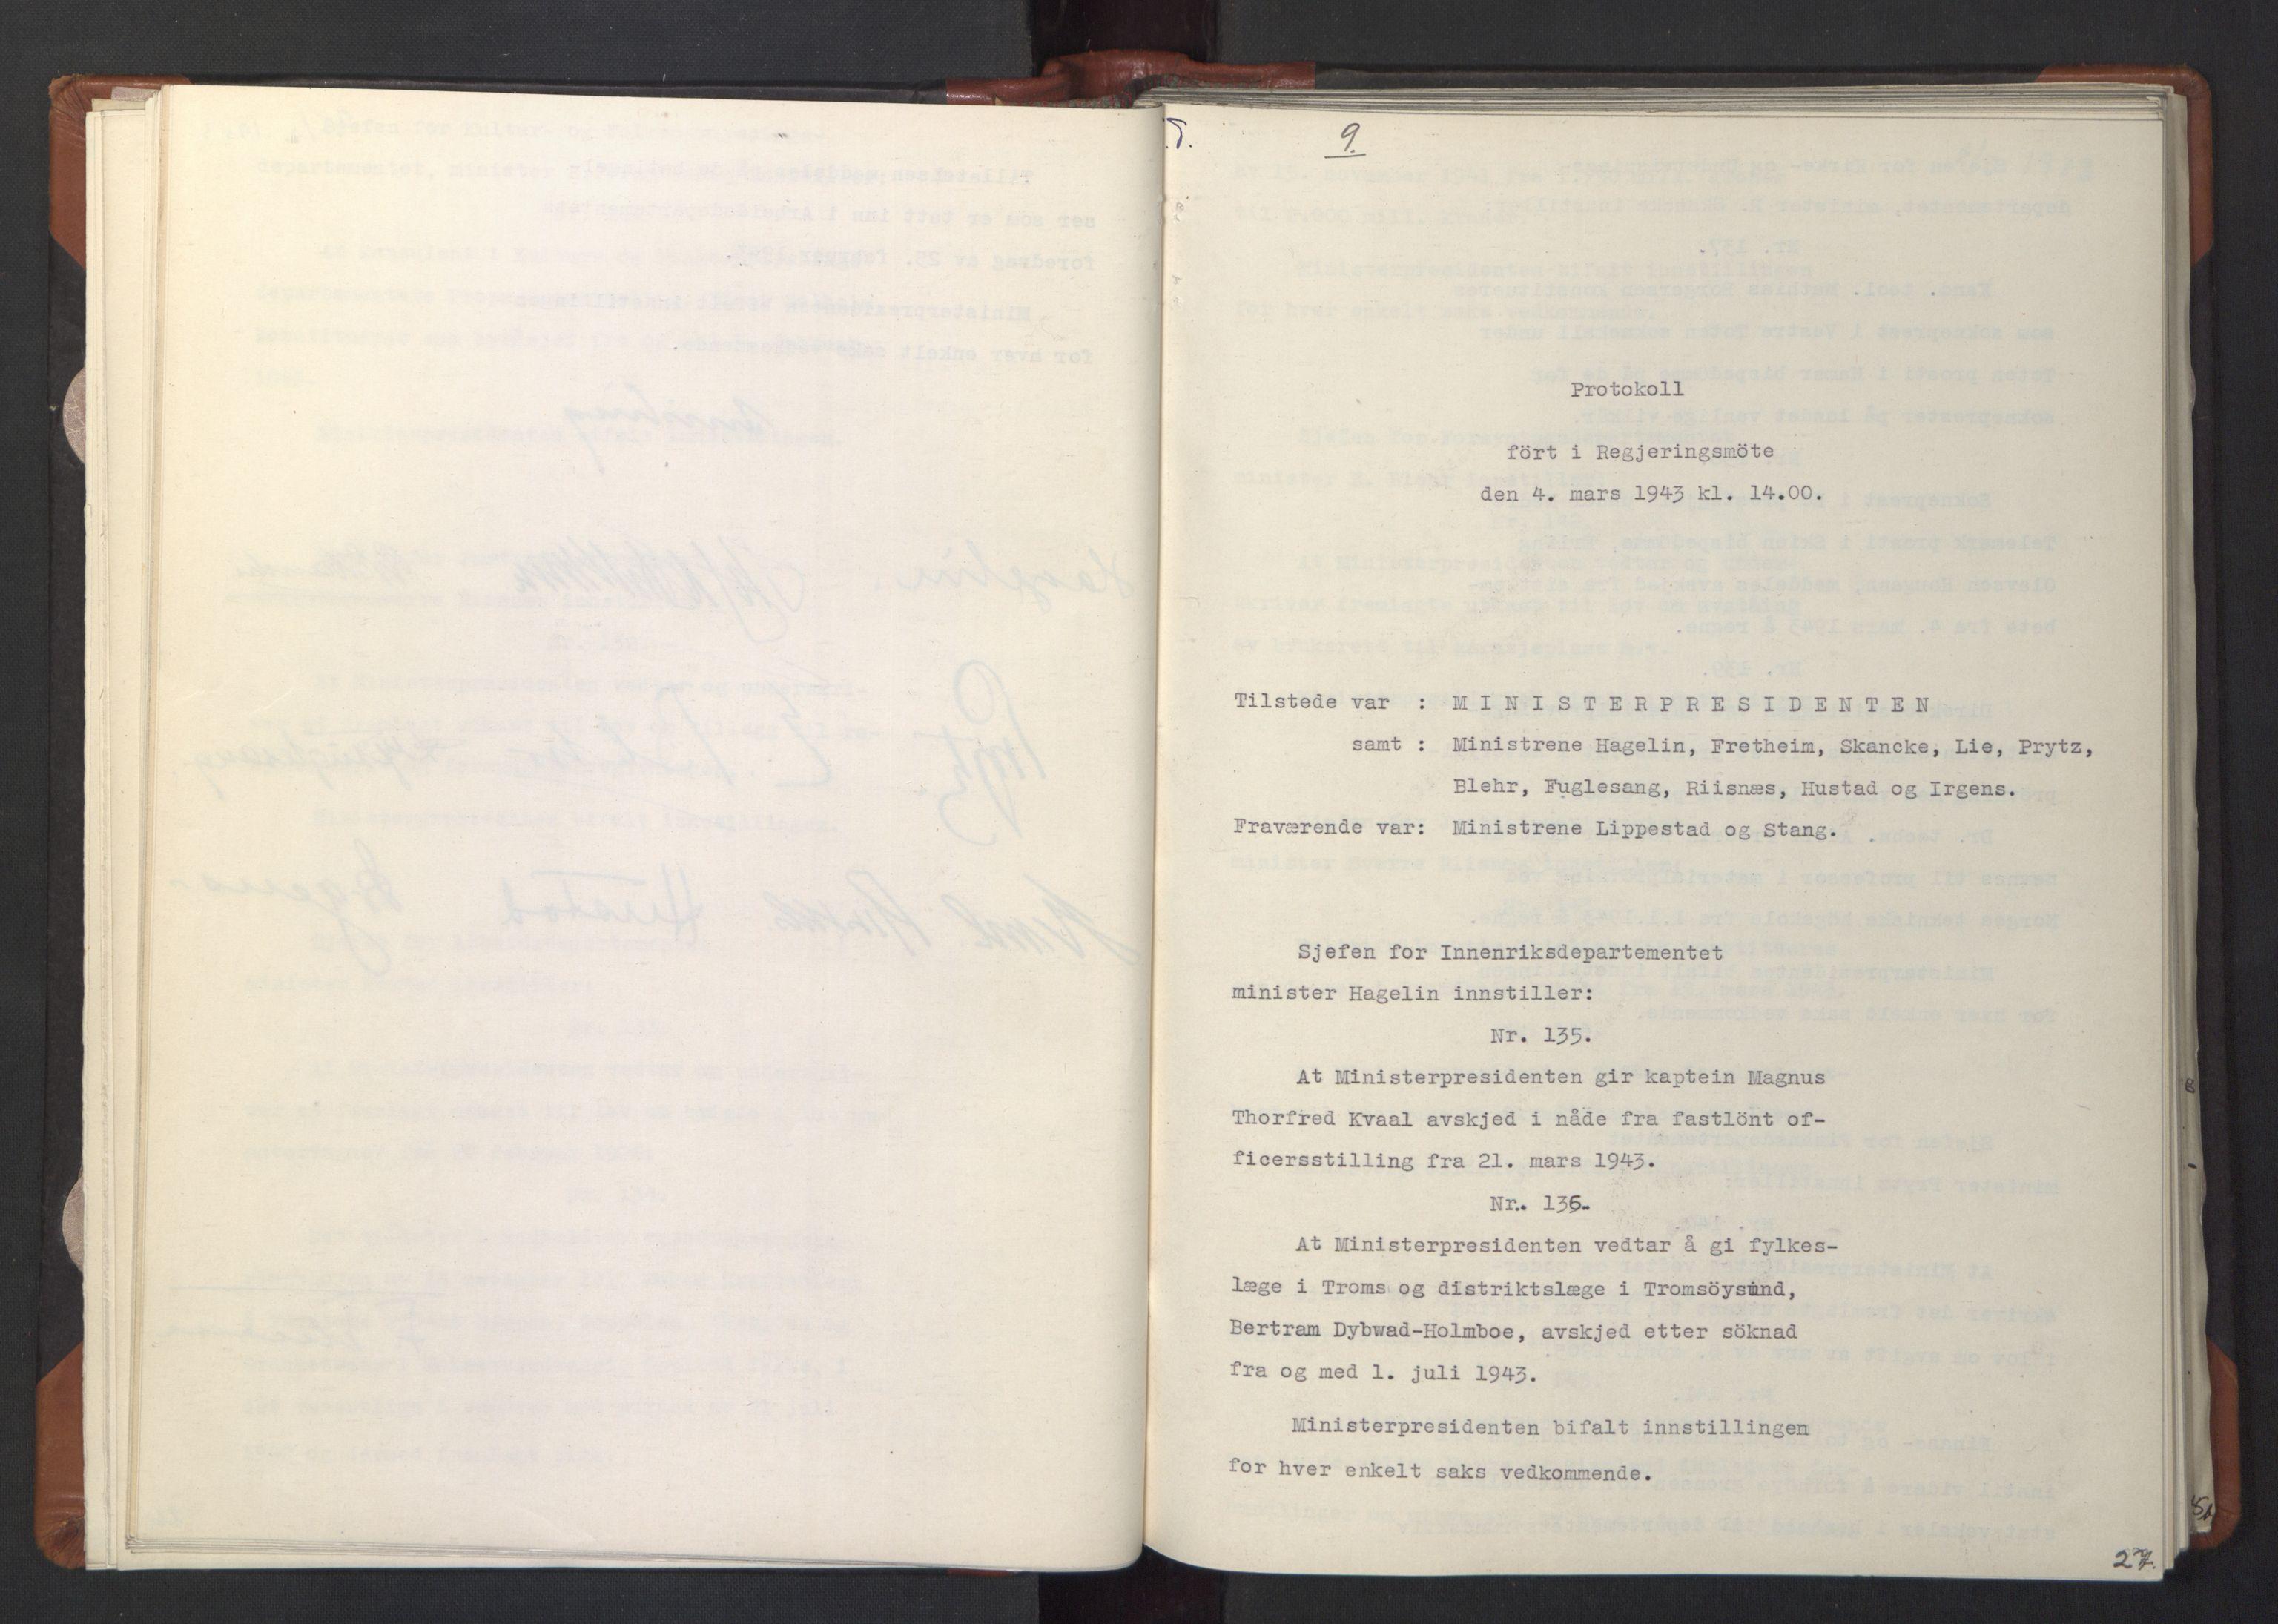 RA, NS-administrasjonen 1940-1945 (Statsrådsekretariatet, de kommisariske statsråder mm), D/Da/L0003: Vedtak (Beslutninger) nr. 1-746 og tillegg nr. 1-47 (RA. j.nr. 1394/1944, tilgangsnr. 8/1944, 1943, s. 26b-27a